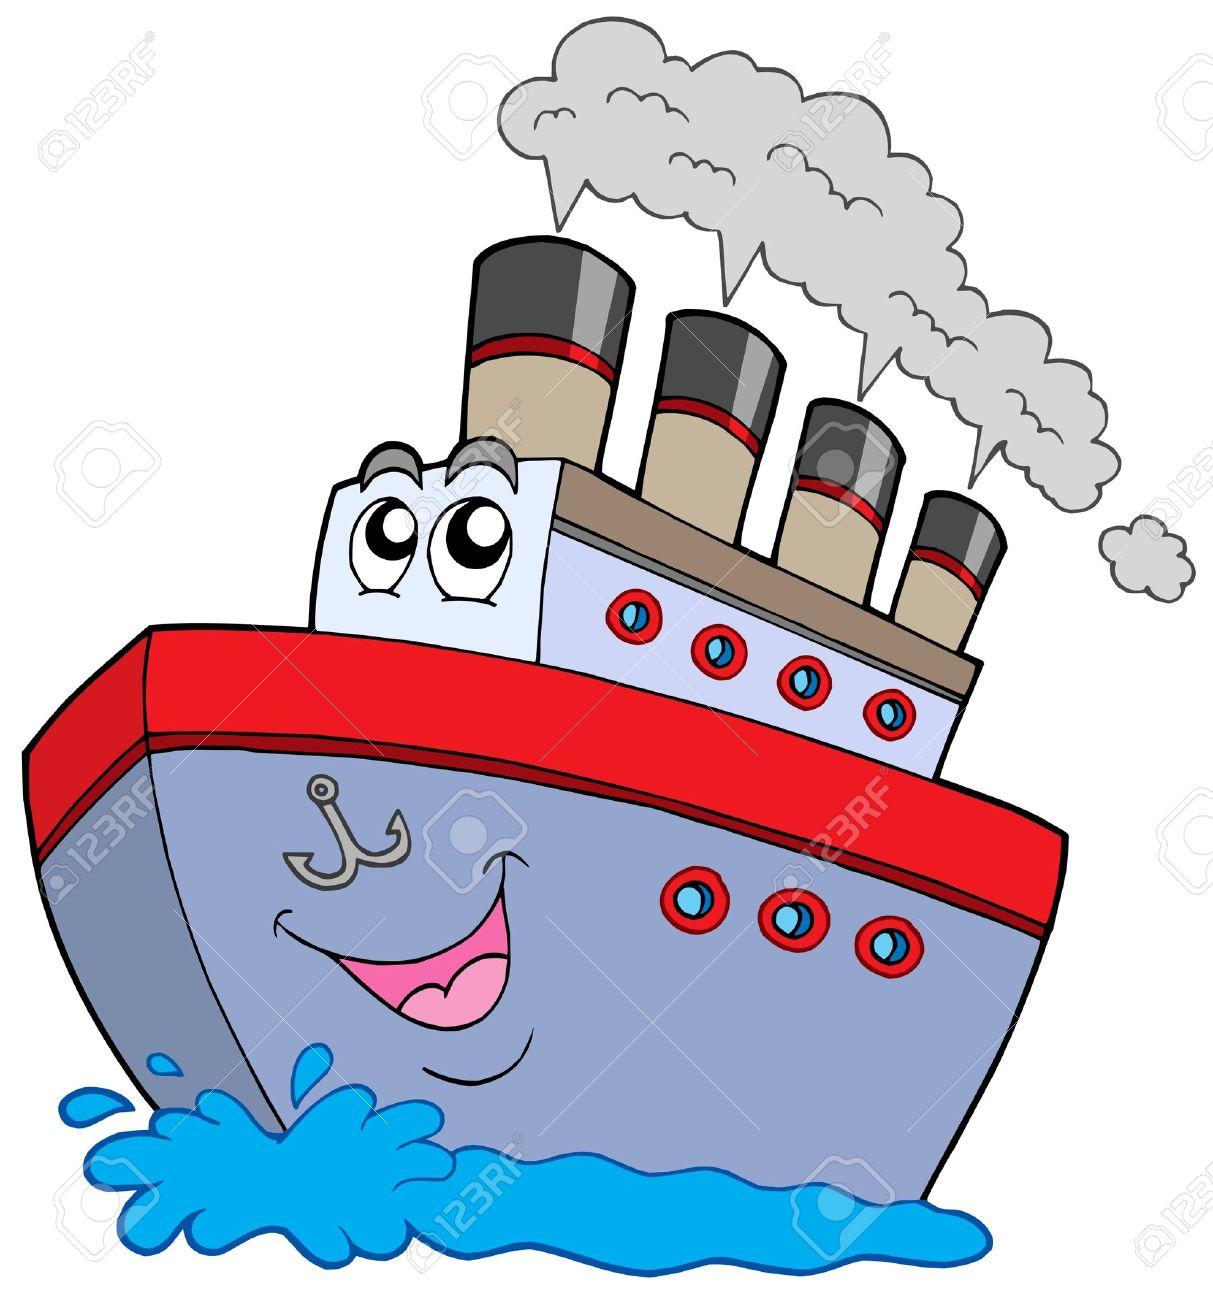 Caricatura Barco En El Fondo Blanco Ilustración Vectorial